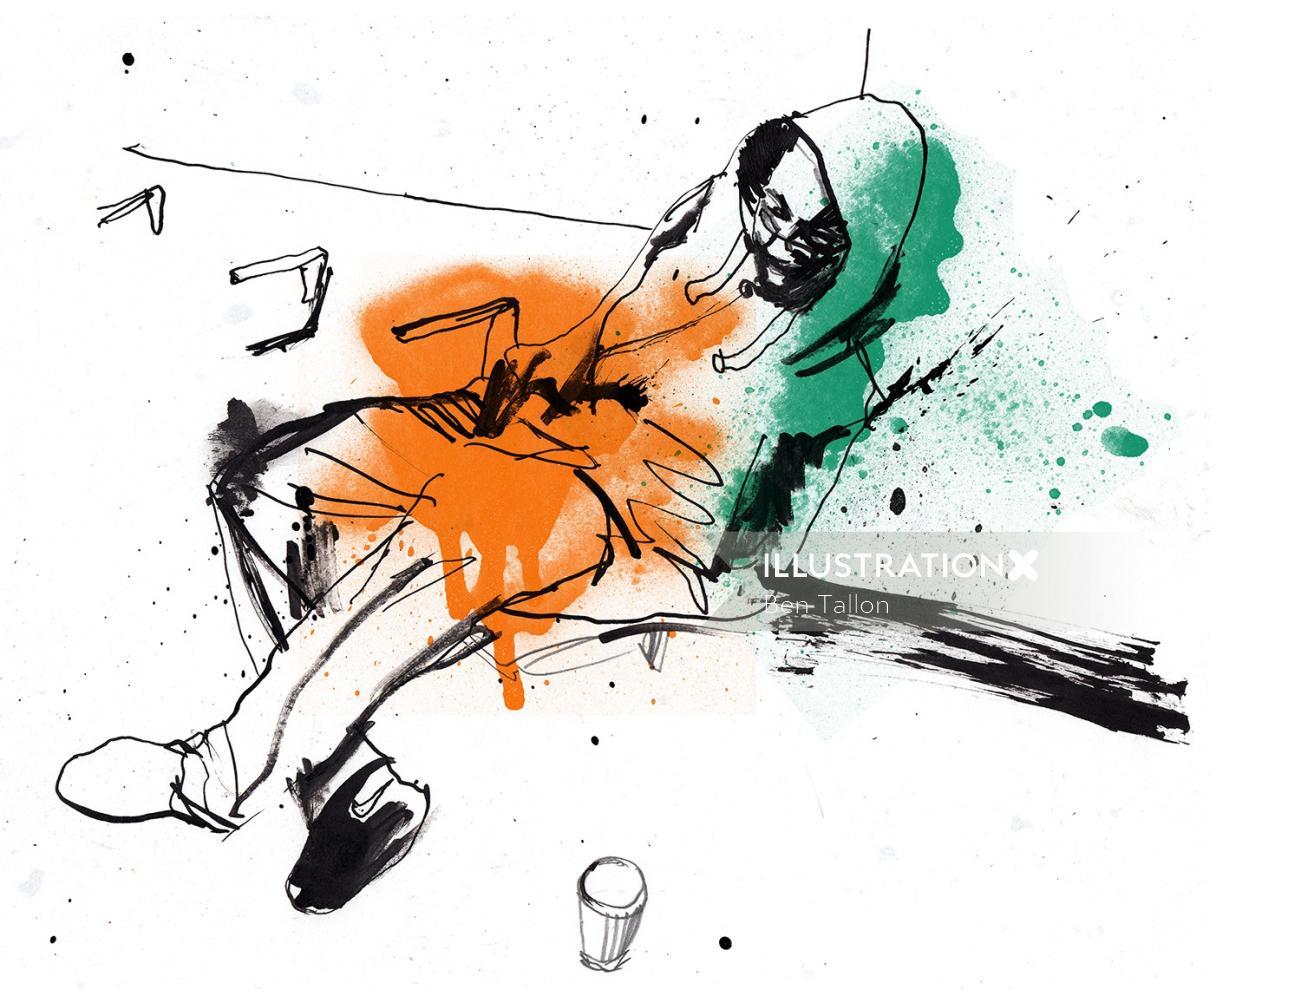 Man sleep on train platform Hand painted illustration